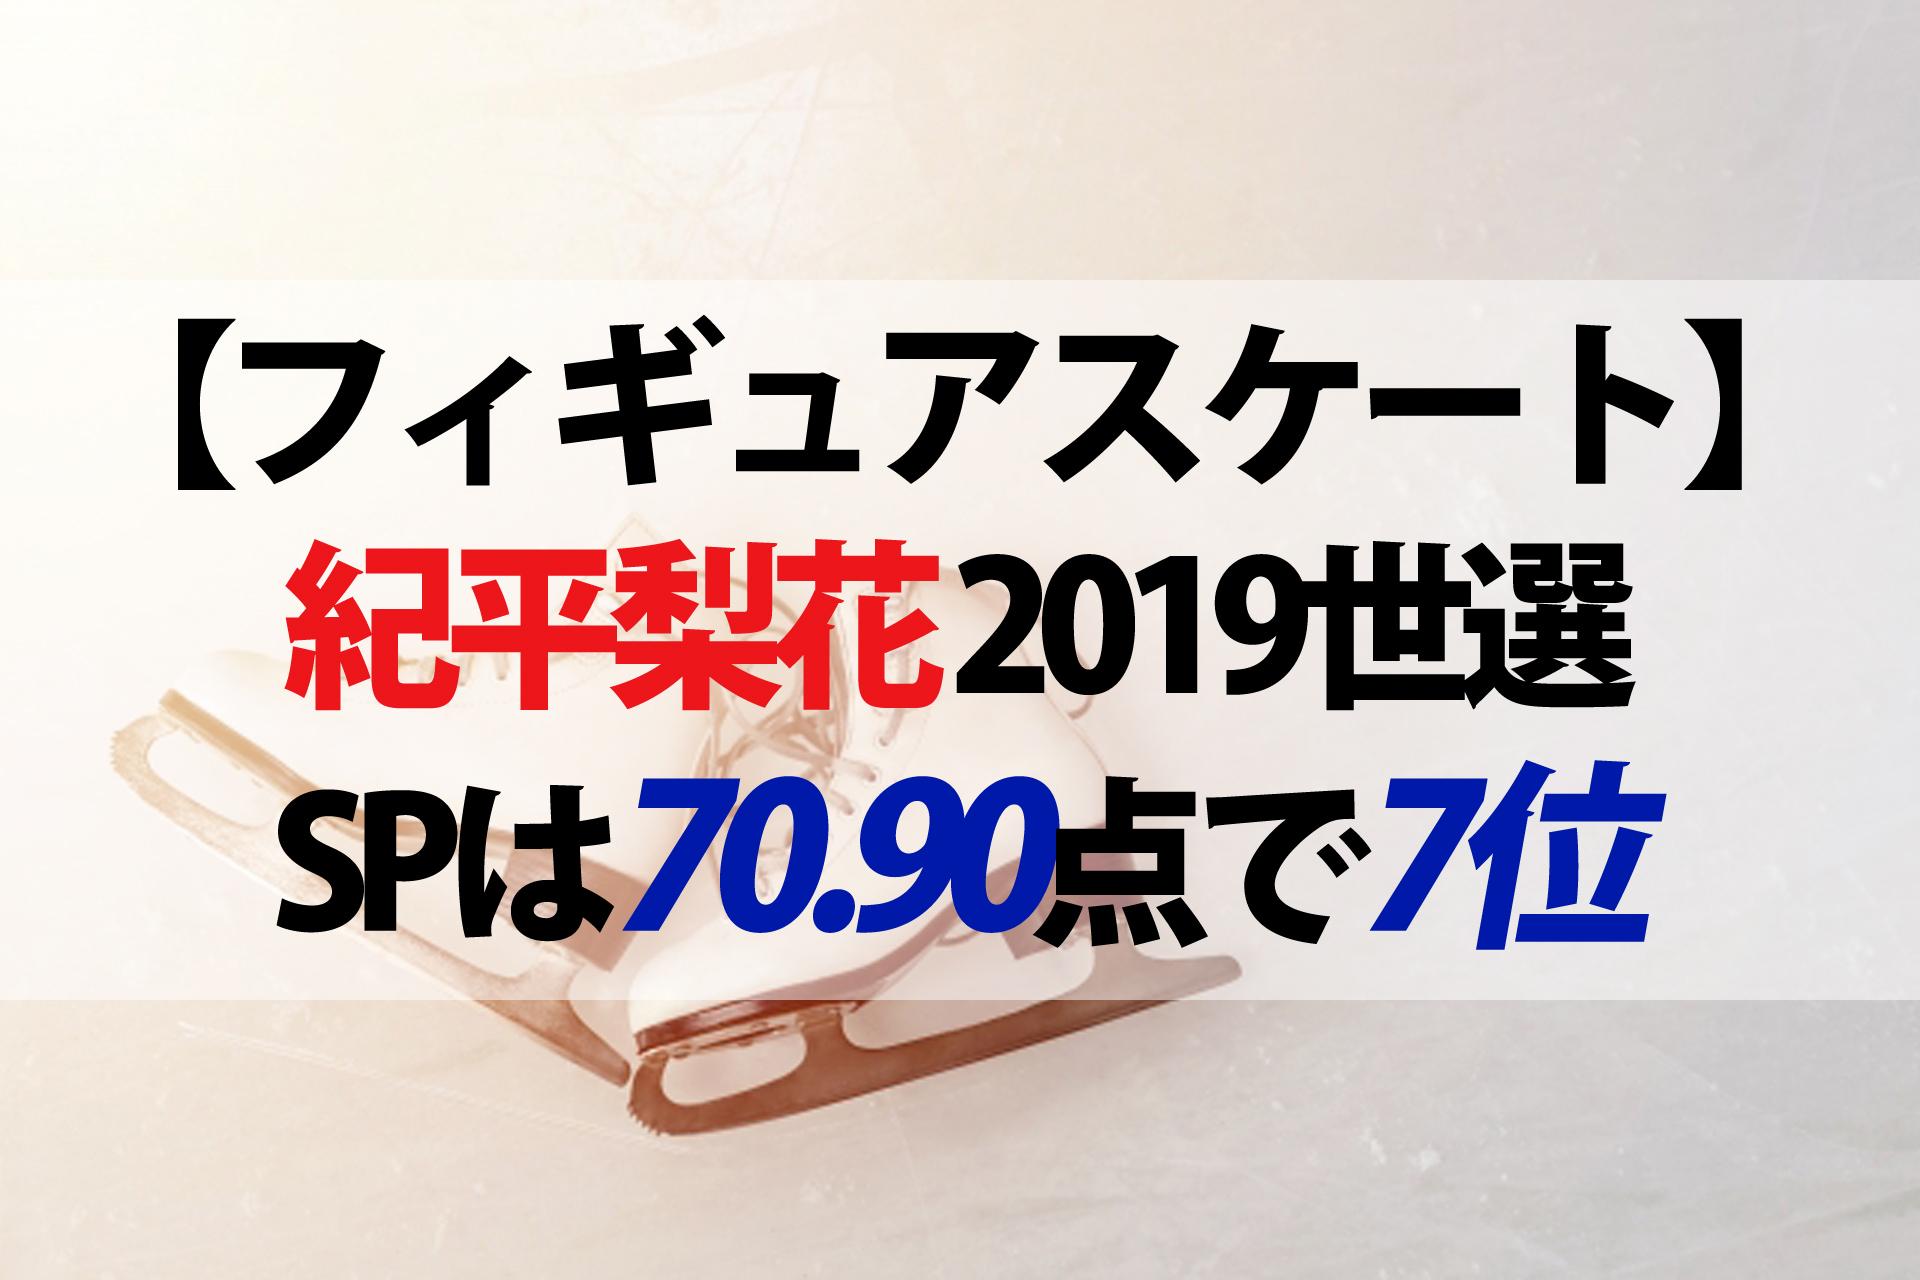 2019世界フィギュア女子SP紀平梨花